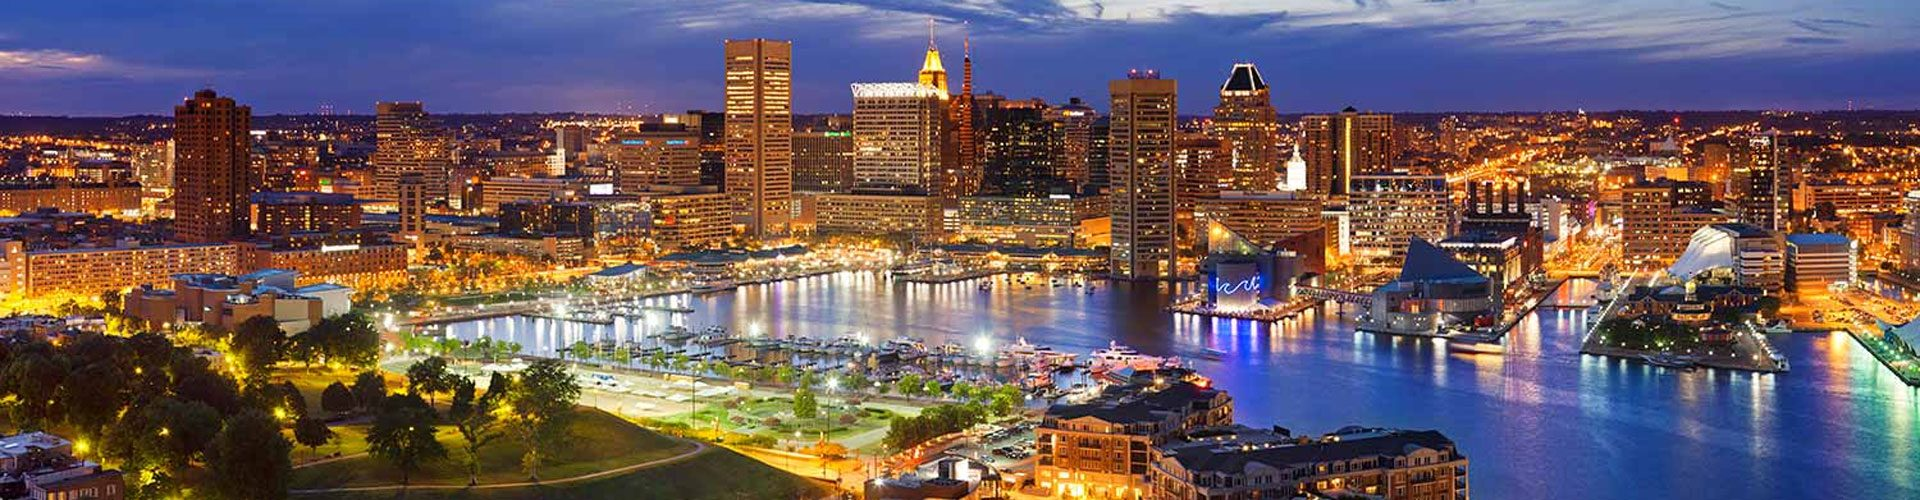 Baltimore Waterfront bei Nacht